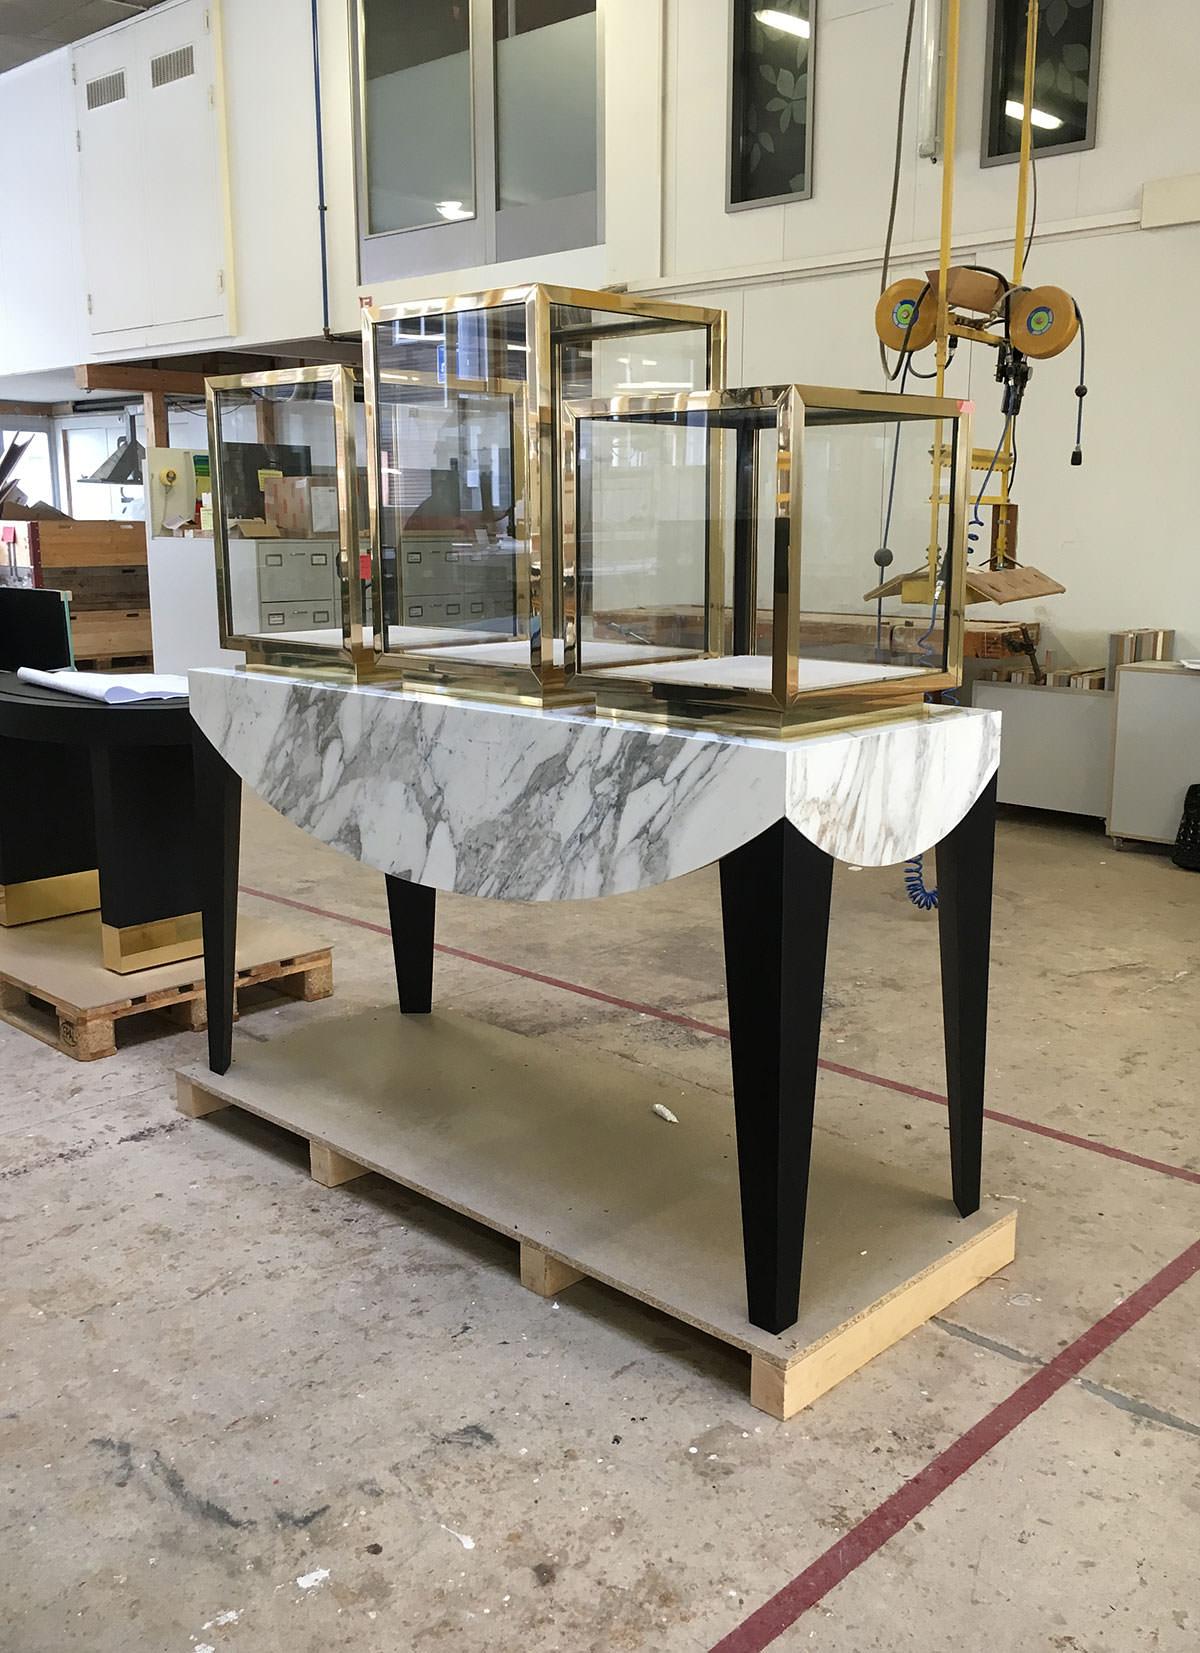 Innenarchitekt Interior Design Hotel Hotellerie Restaurant Retail: Vitrine marble and brass